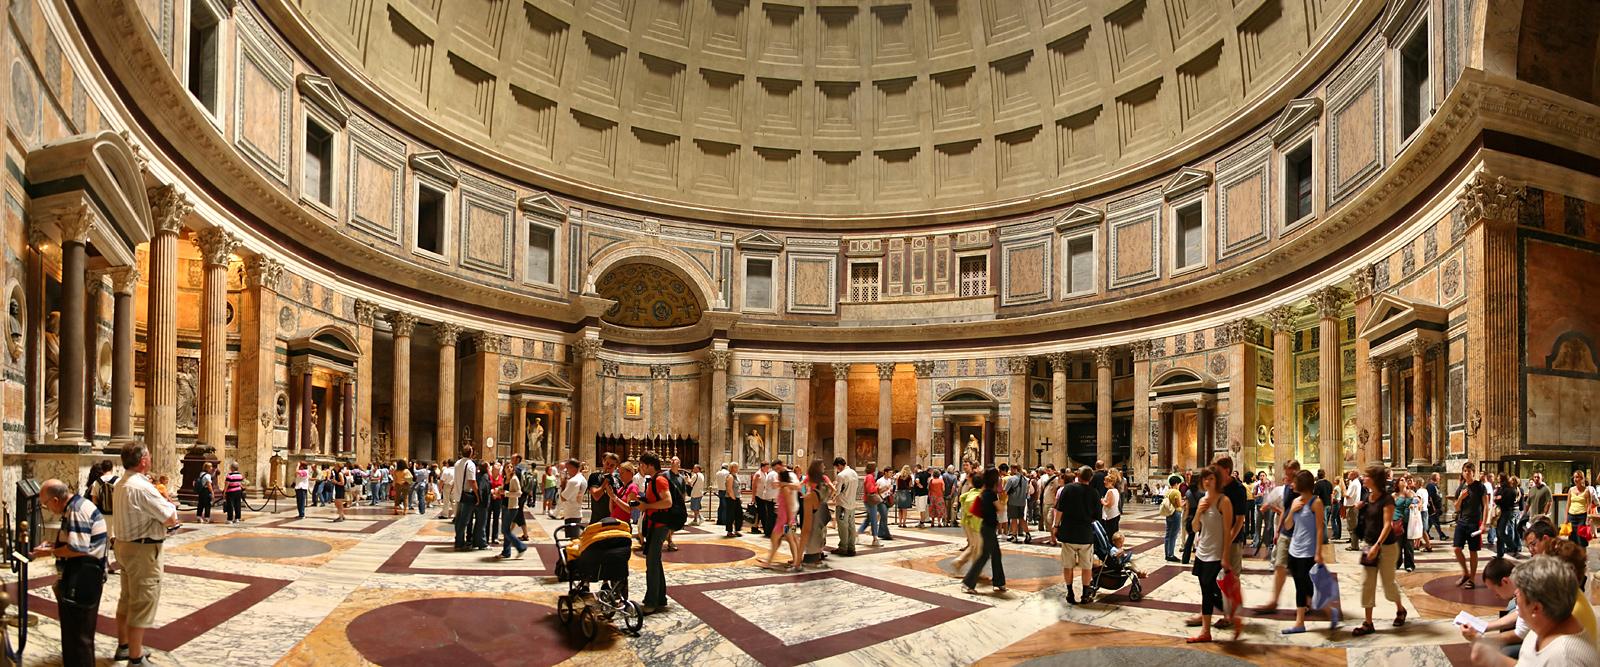 Panoramica interior del Panteón de Roma